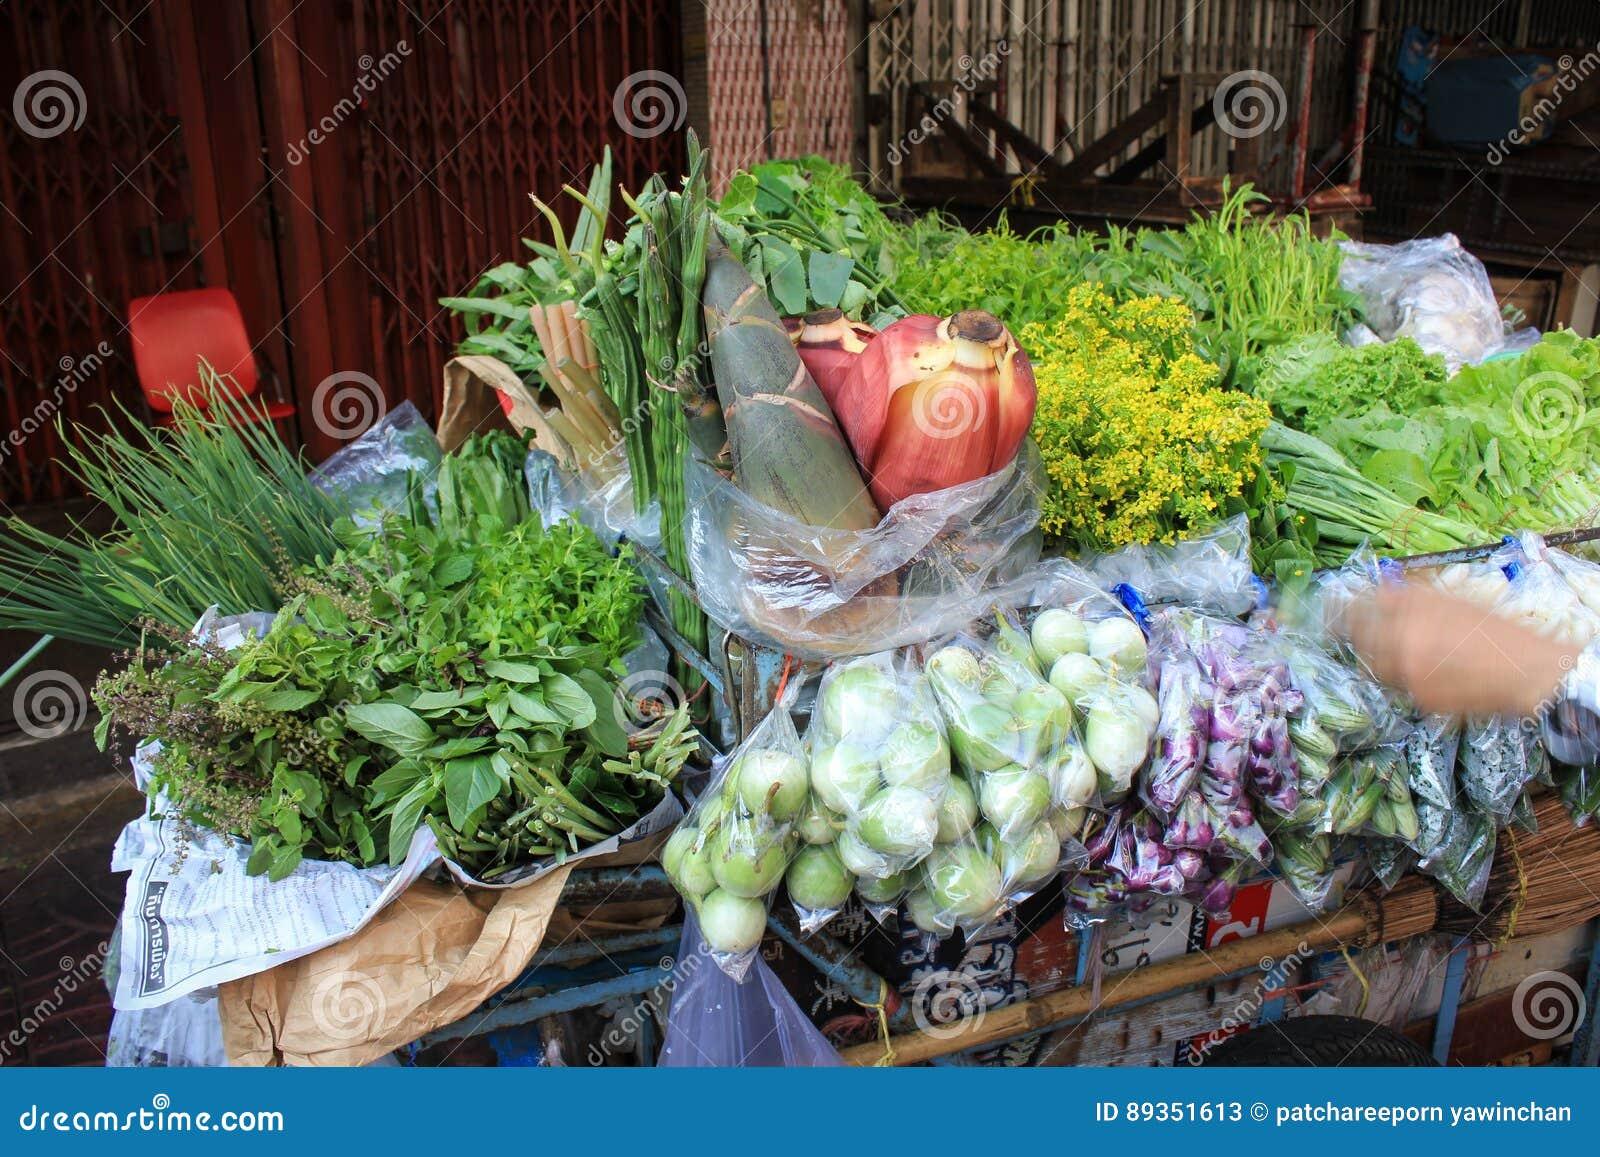 Grönsaklastbil